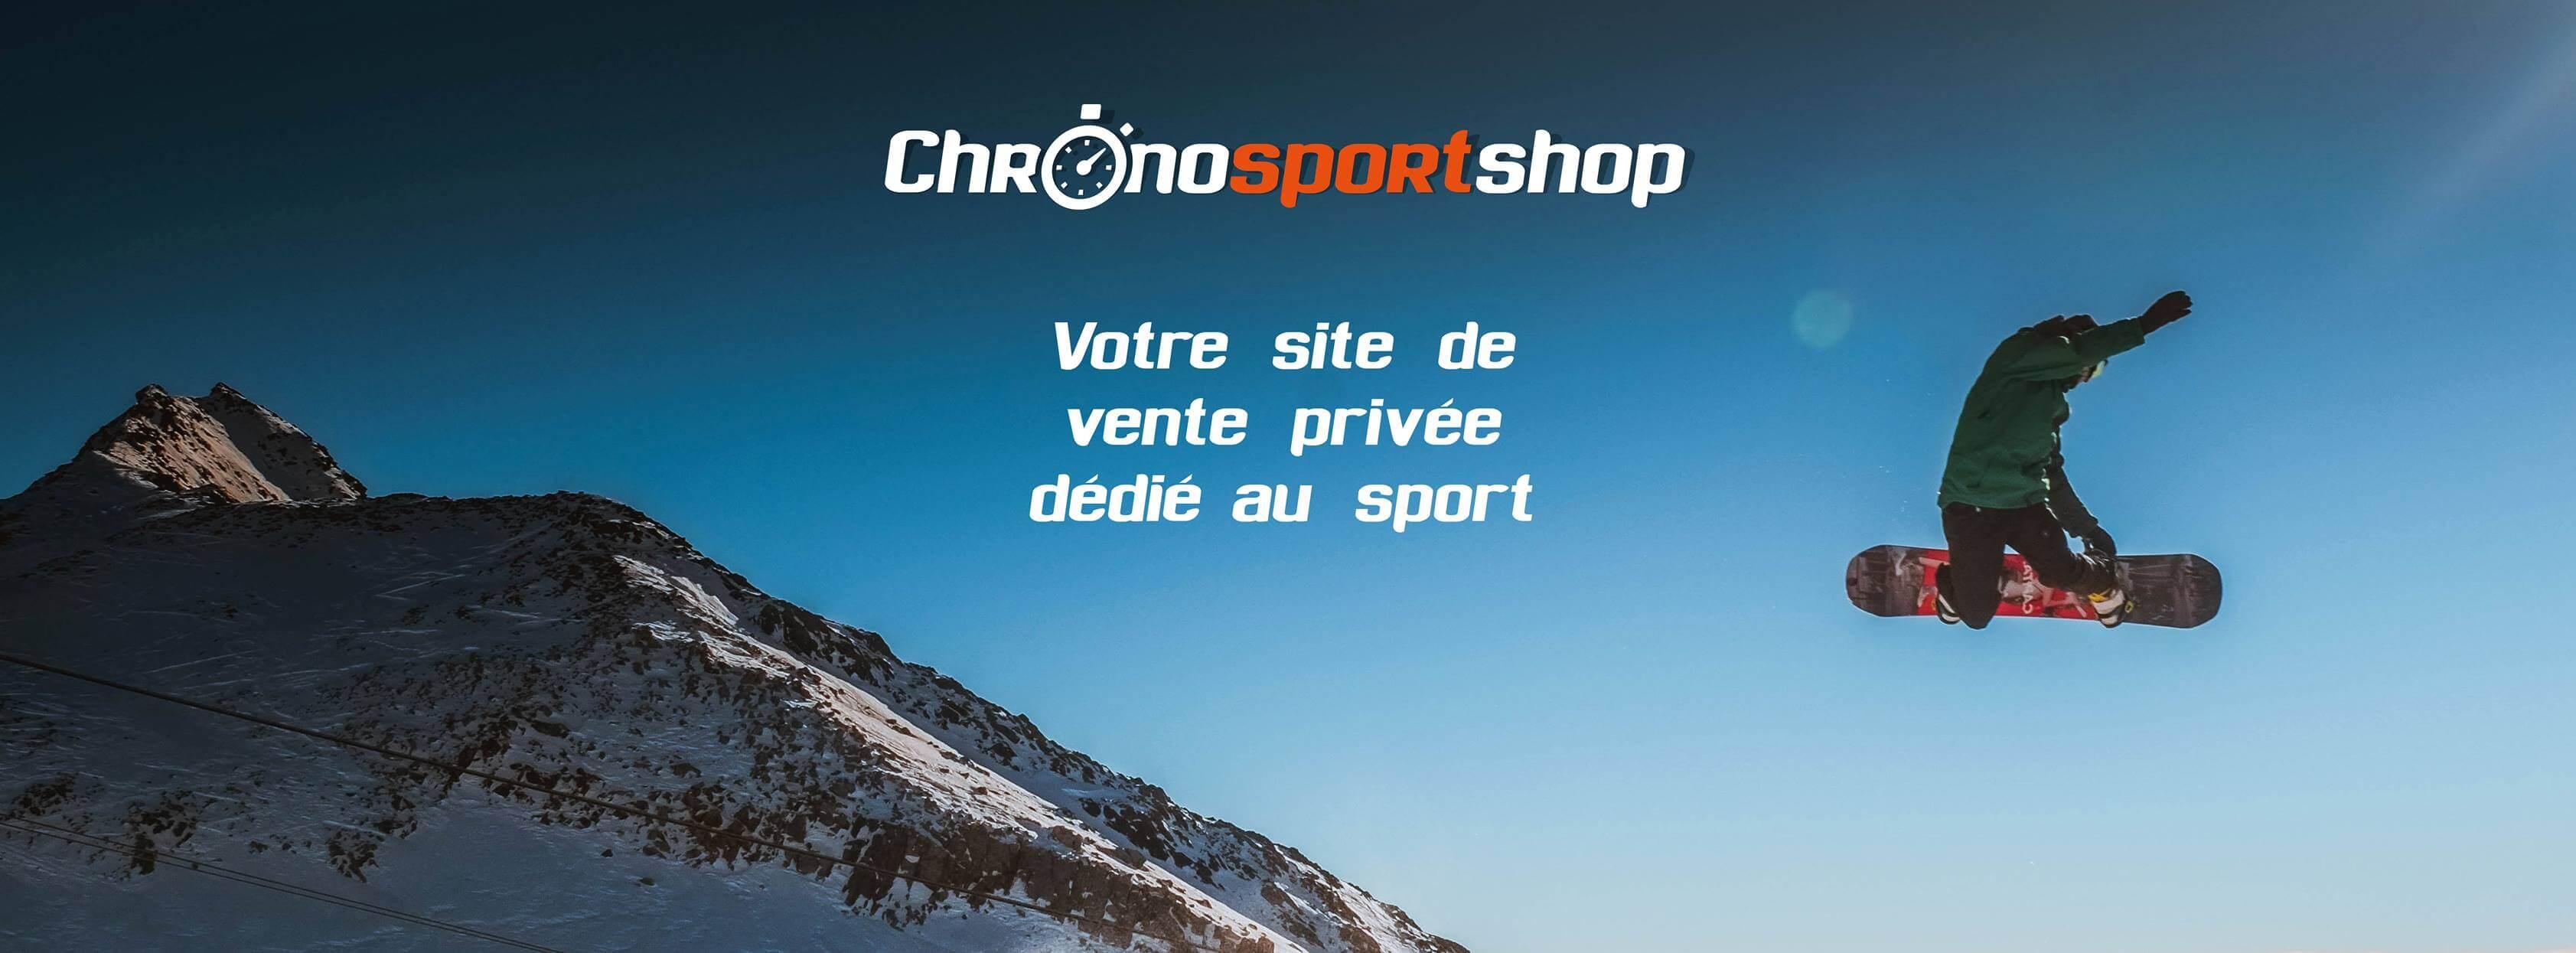 Chronosportshop votre site de ventes priv es d di au sport - Sport ventes privees ...